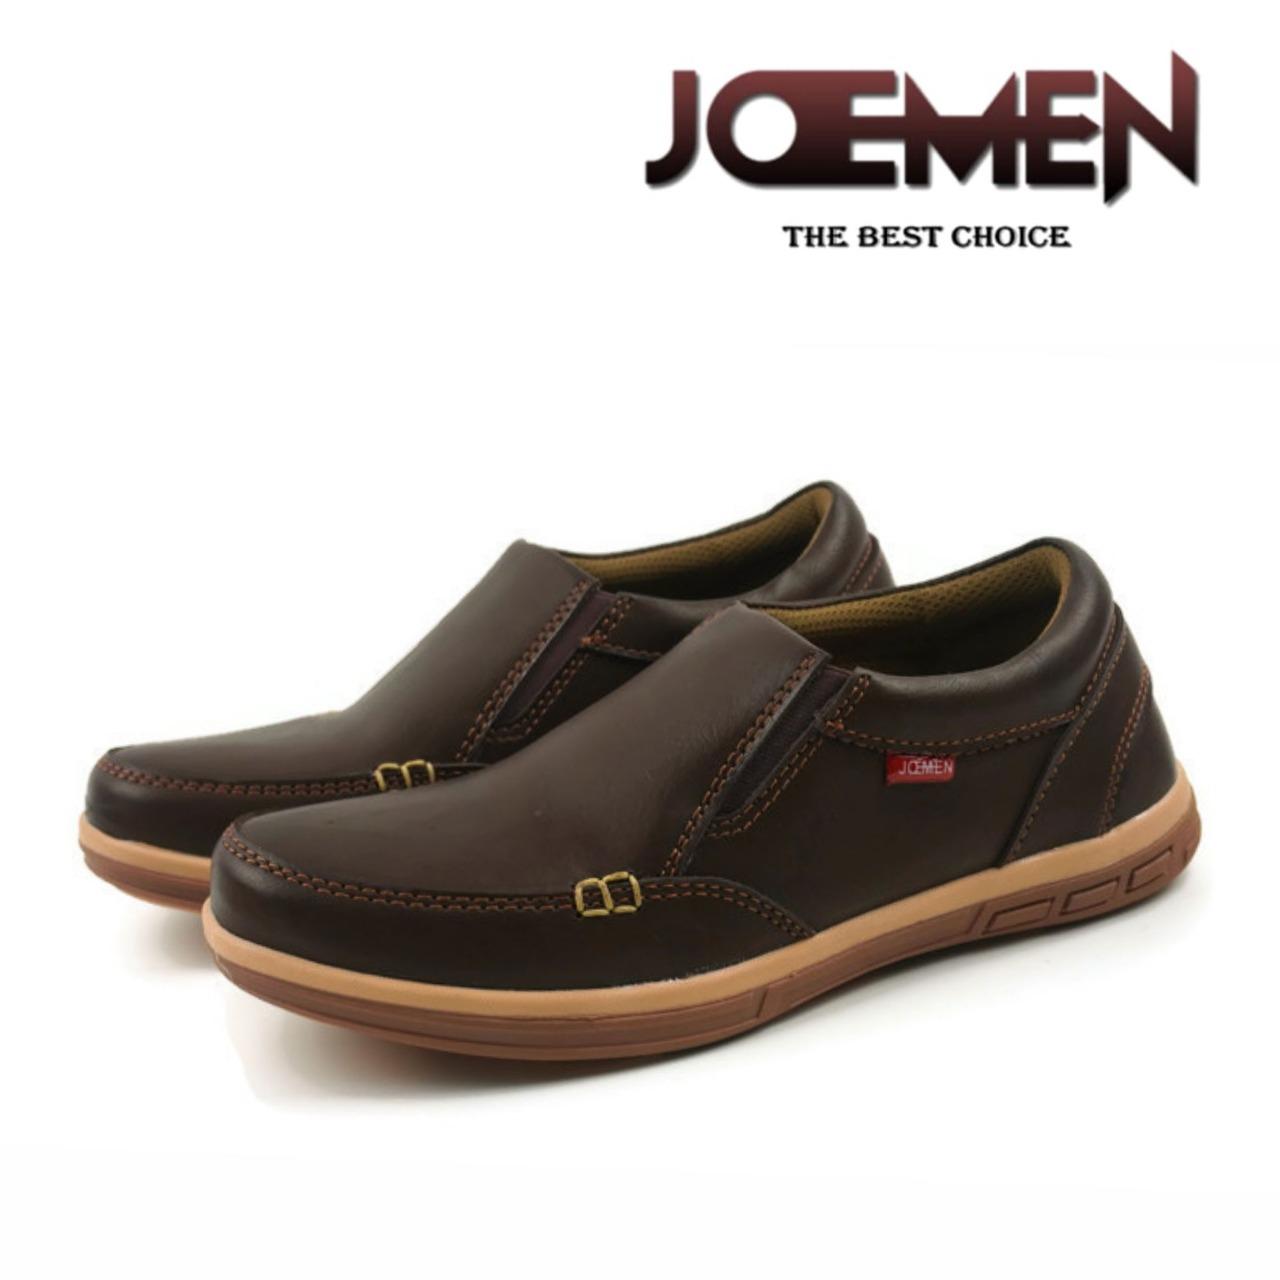 sepatu formal joemen j 21 slip on / coklat tua / formal bisnis kulit asli  lari sneakers jogging running cowok cewek harajuku stylish modern new kulit coklat tua